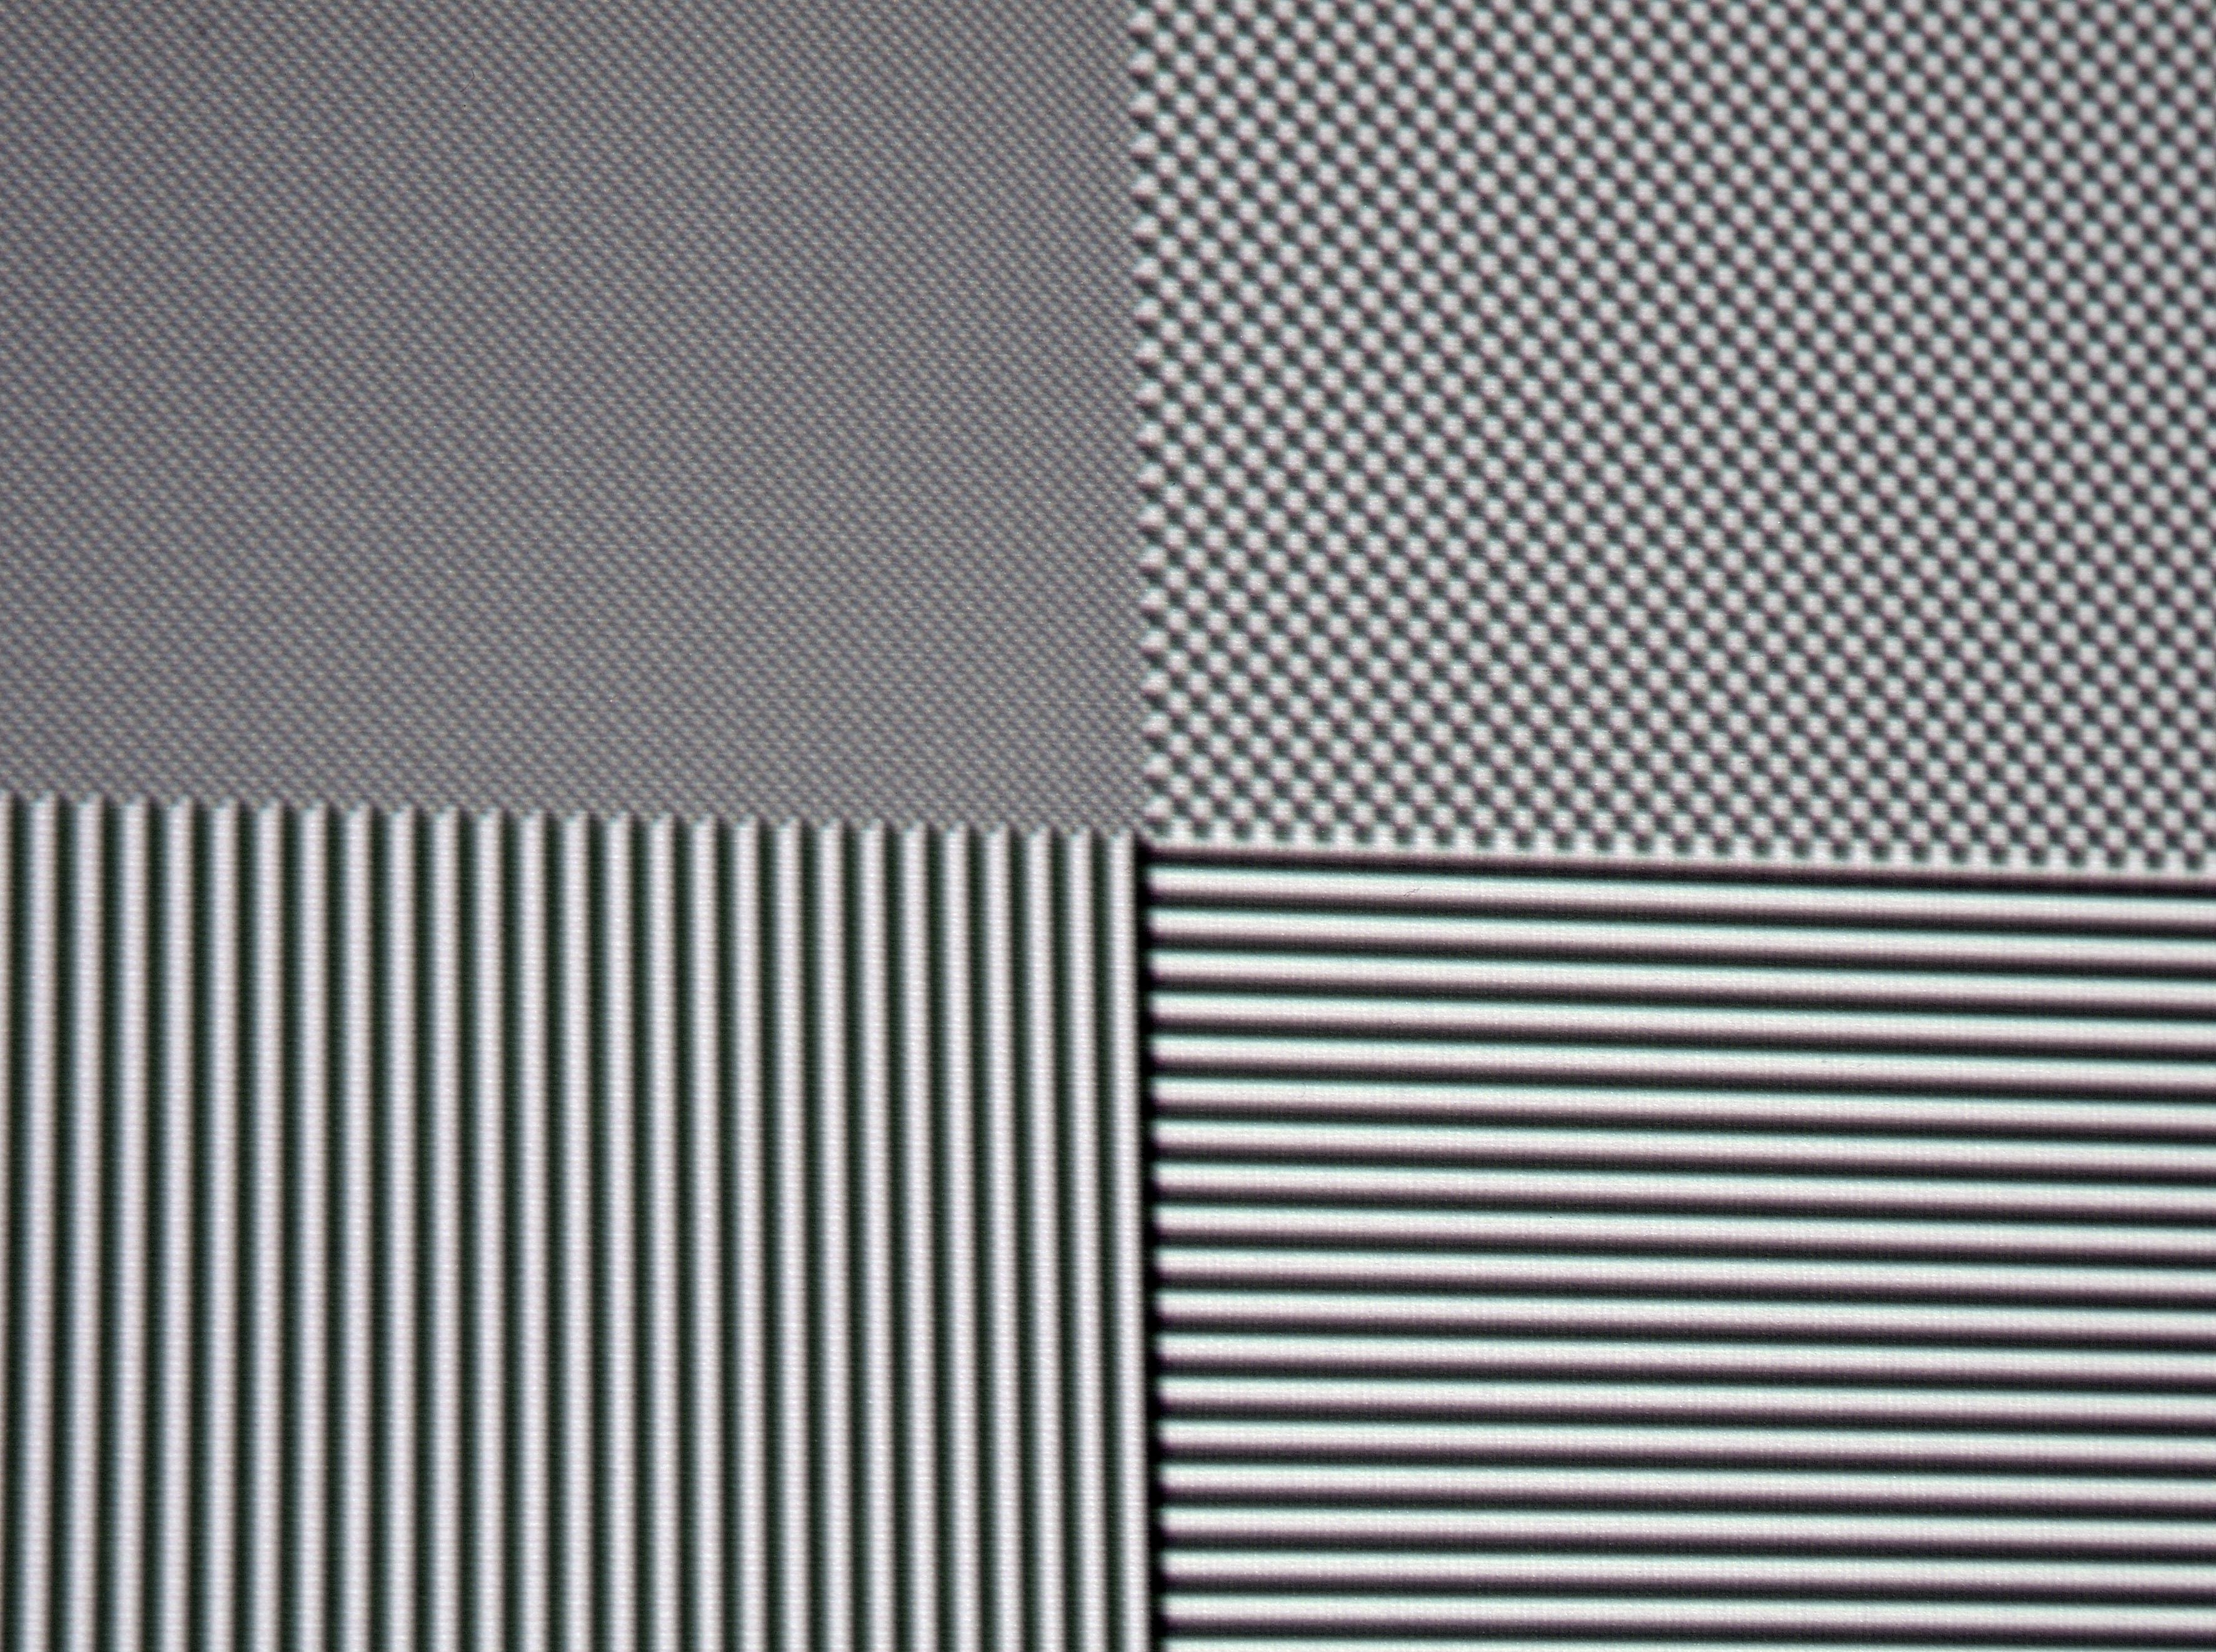 Oben links ist ein Schachbrettmuster mit Full-HD-Pixelauflösung abgebildet. Der ViewSonic PX747-4K stellt einzelne Pixel vollständig dar. Minimale chromatische Aberrationen sind allenfalls mit der Nasenspitze vor der Leinwand auszumachen, sie spielen aber auf üblichen Betrachtungsentfernungen keine Rolle. Schwarz/Weiß-Bilder sind wunderbar farbneutral.